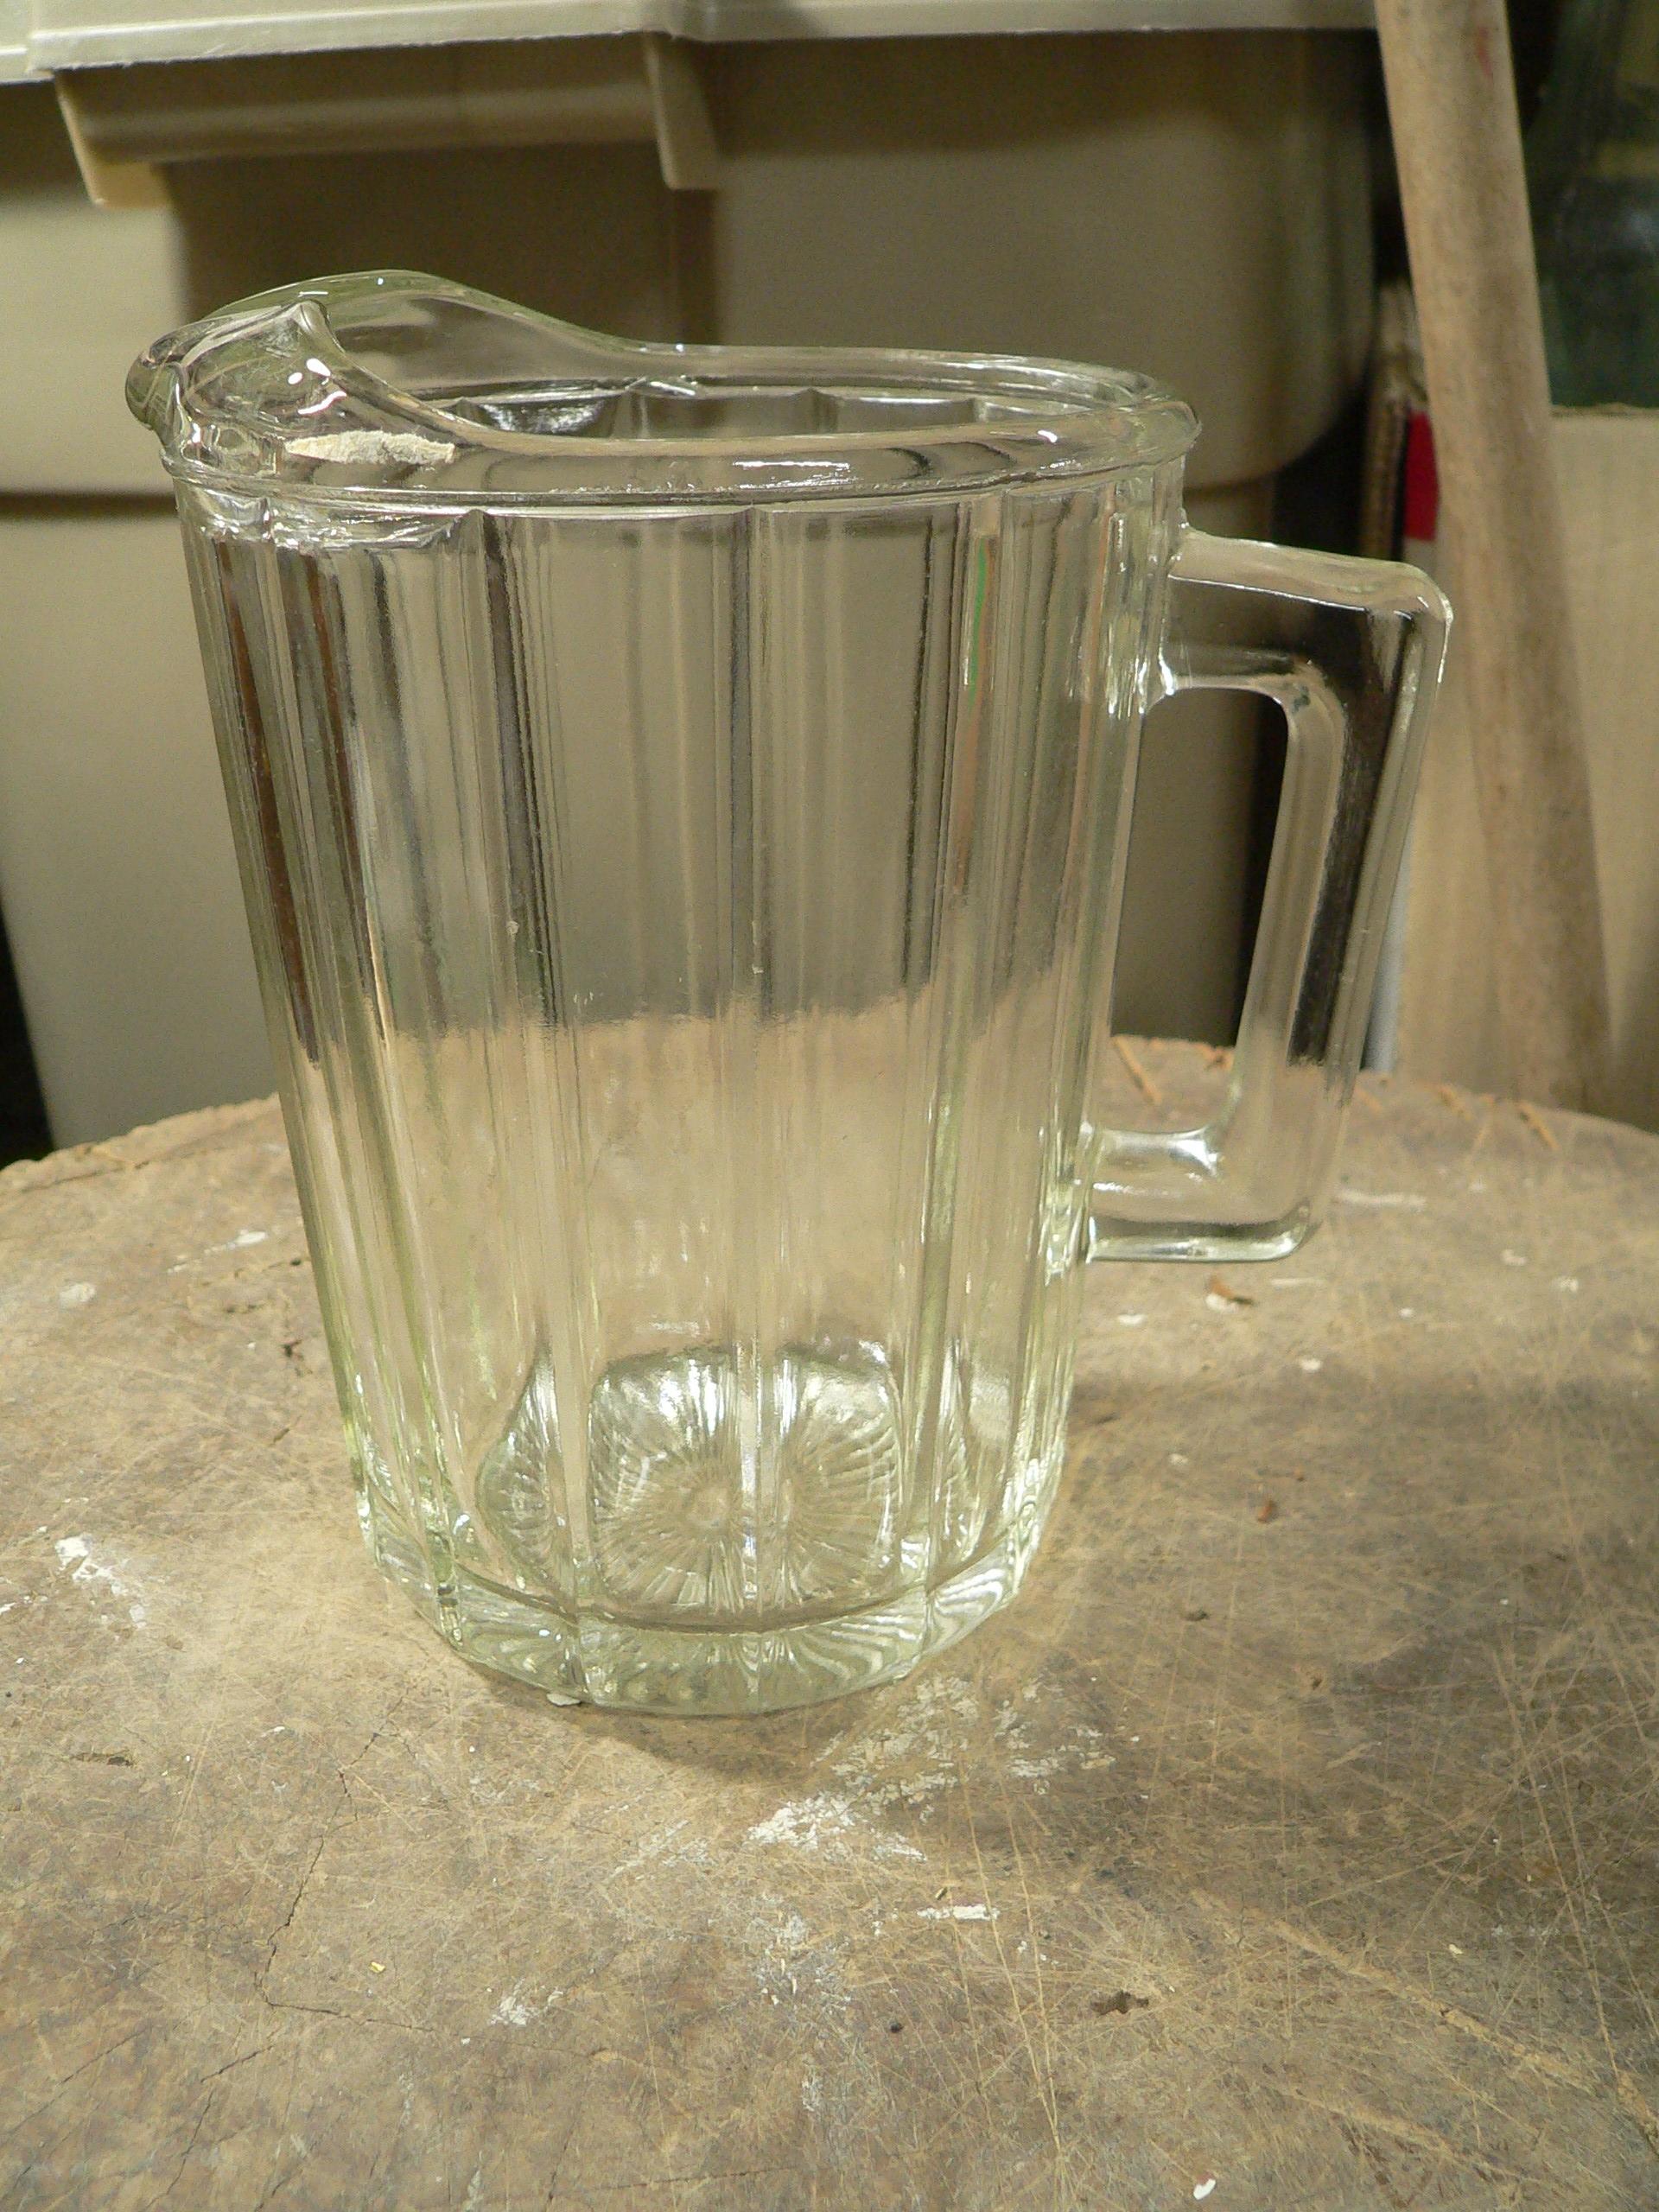 Pichet vintage en verre très épais # 7912.1